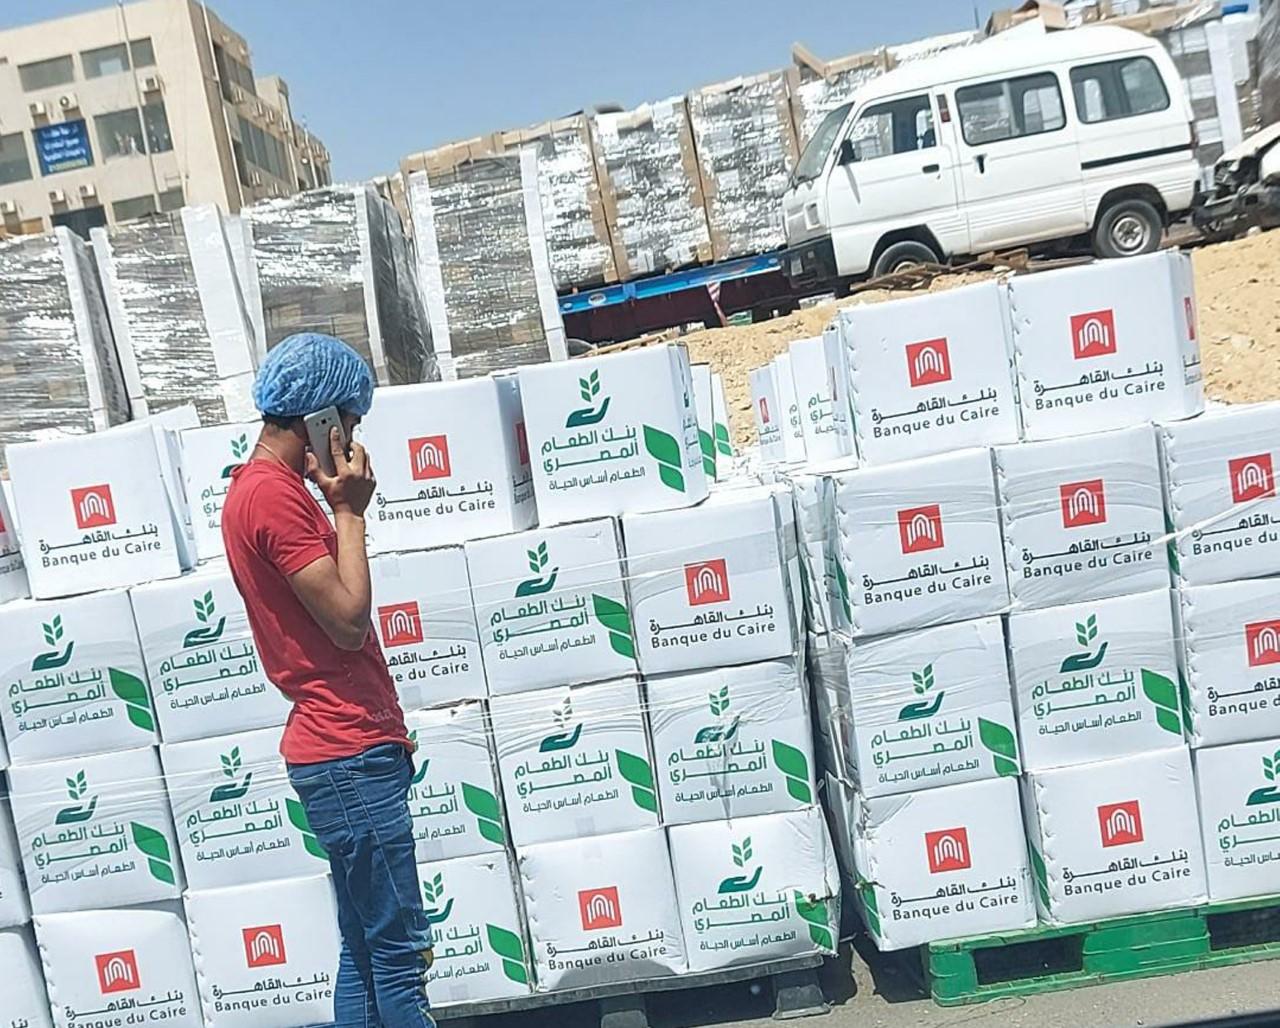 """""""بنك القاهرة"""" يعلن إنطلاق """"قافلة الخير"""" بـ 200 طن من المساعدات الغذائية بصعيد مصر بالتعاون مع """" بنك الطعام المصرى"""""""